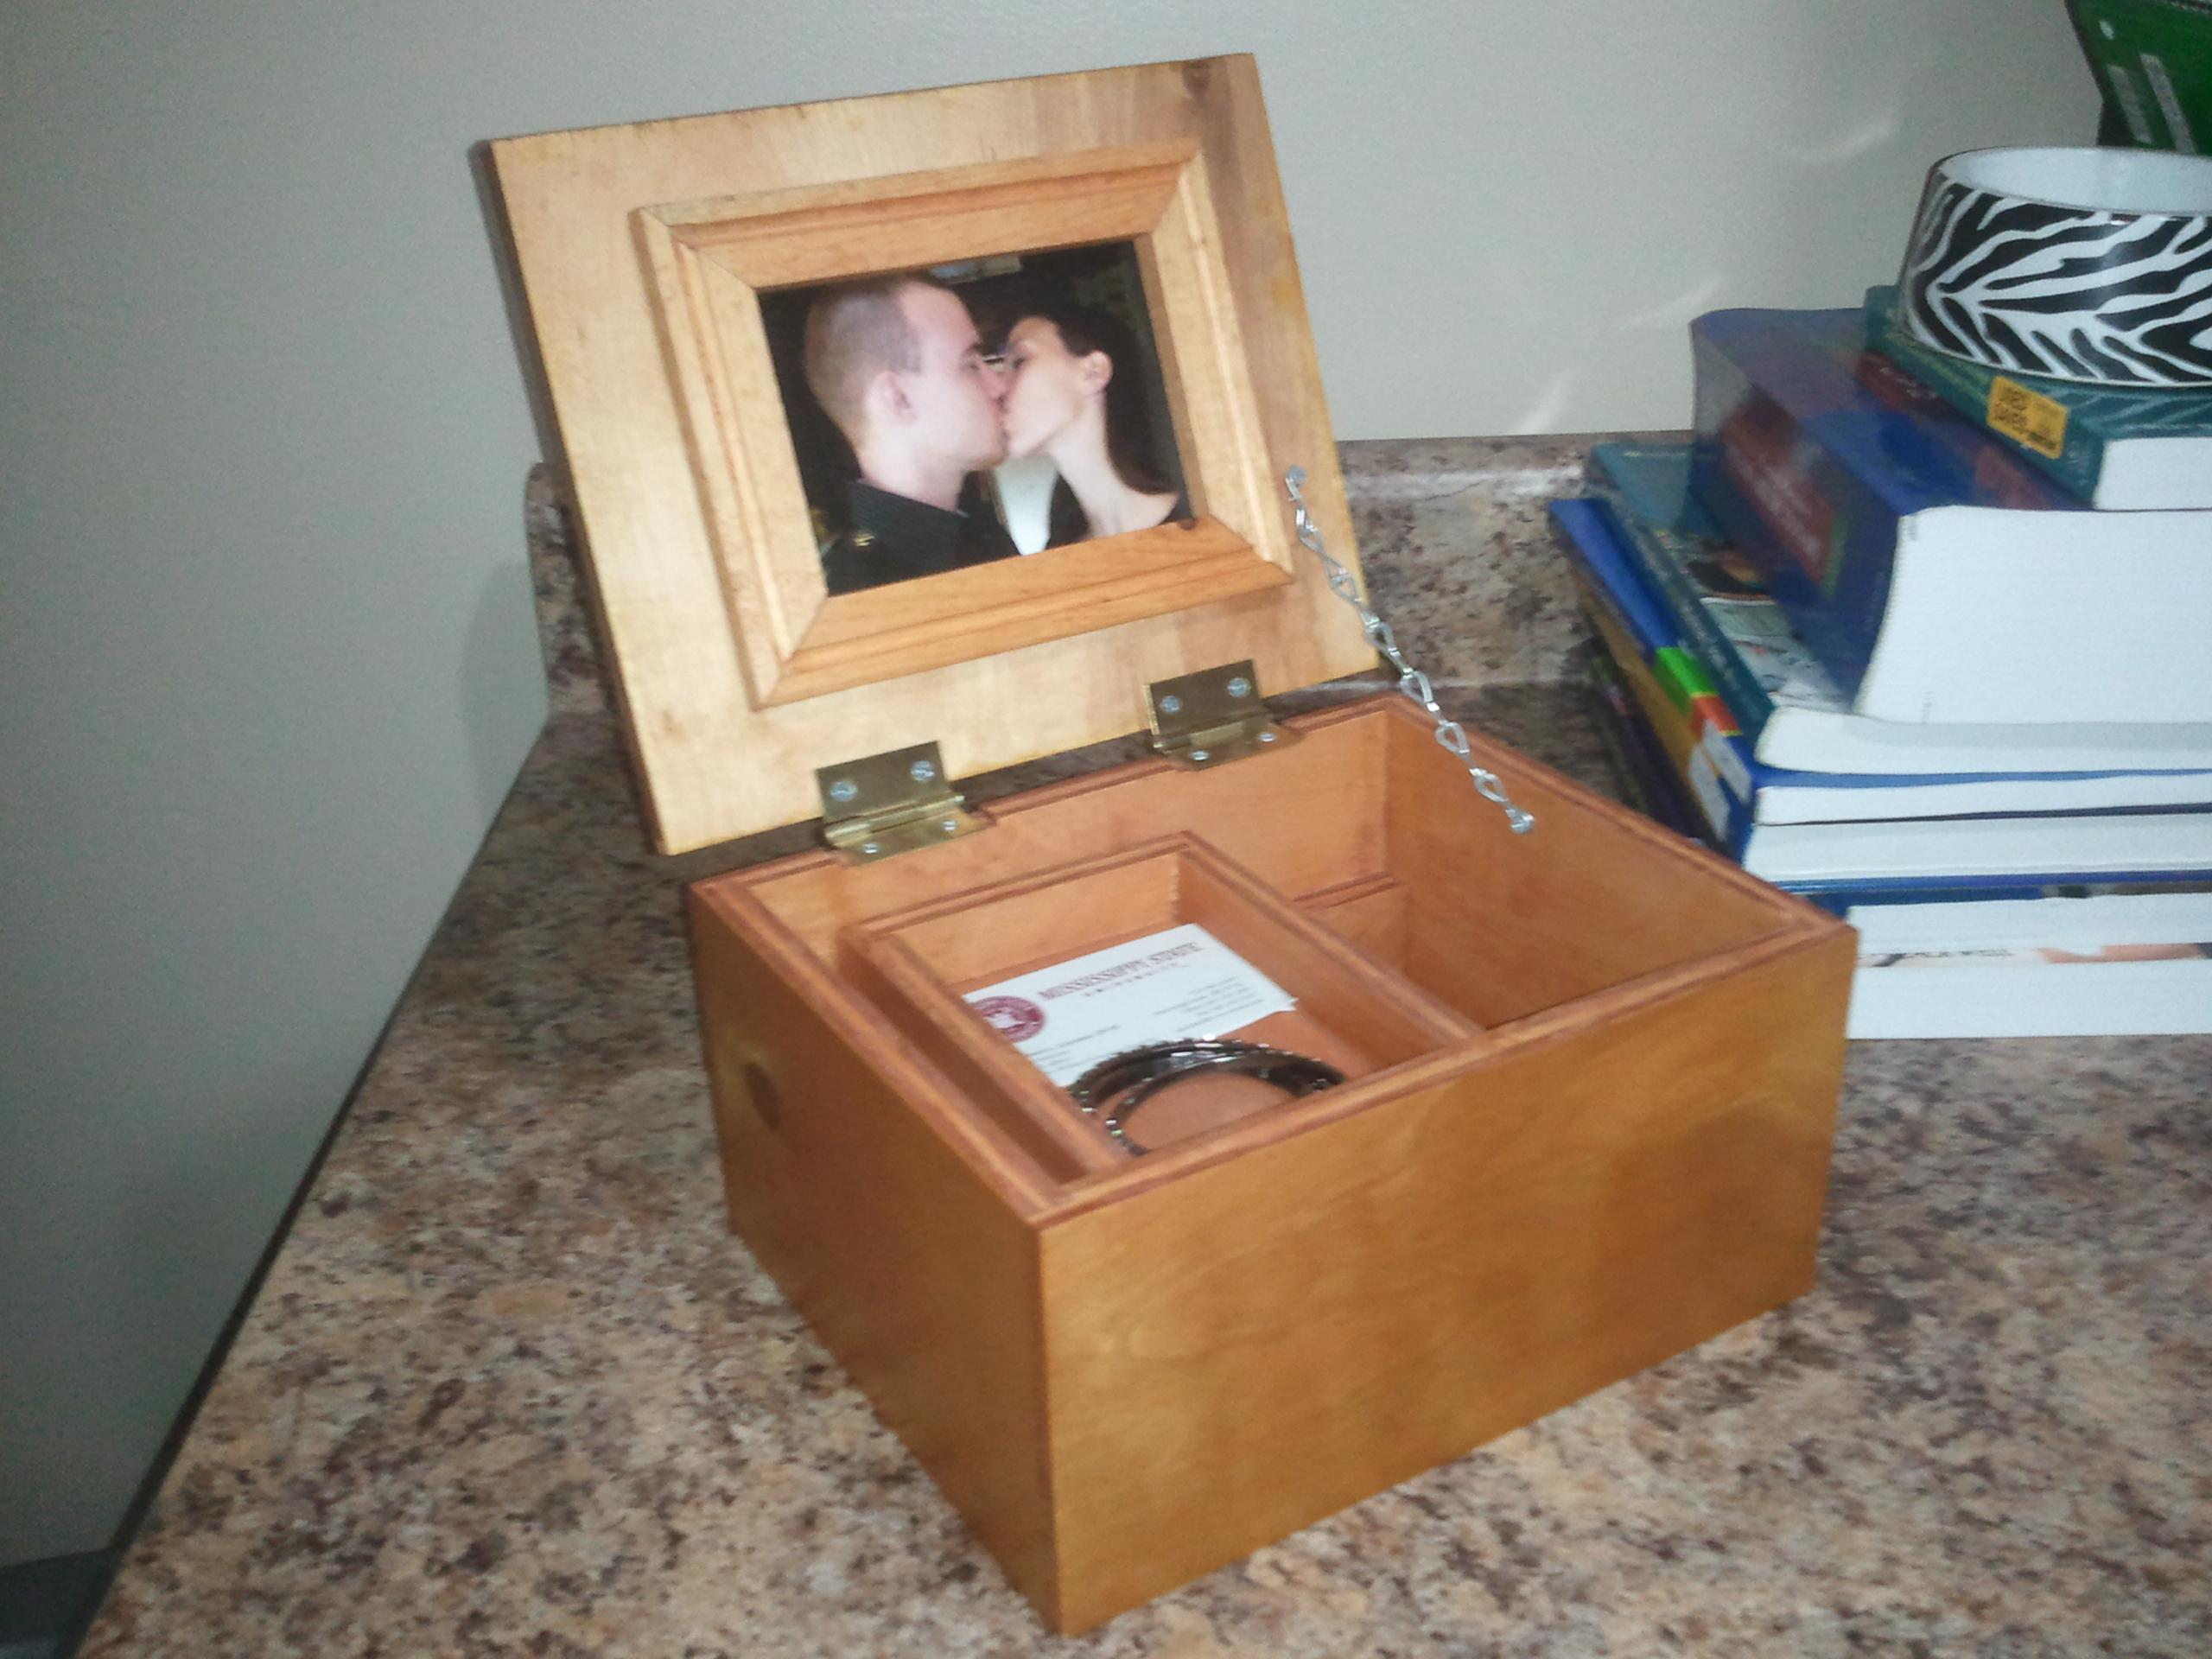 Jamies box